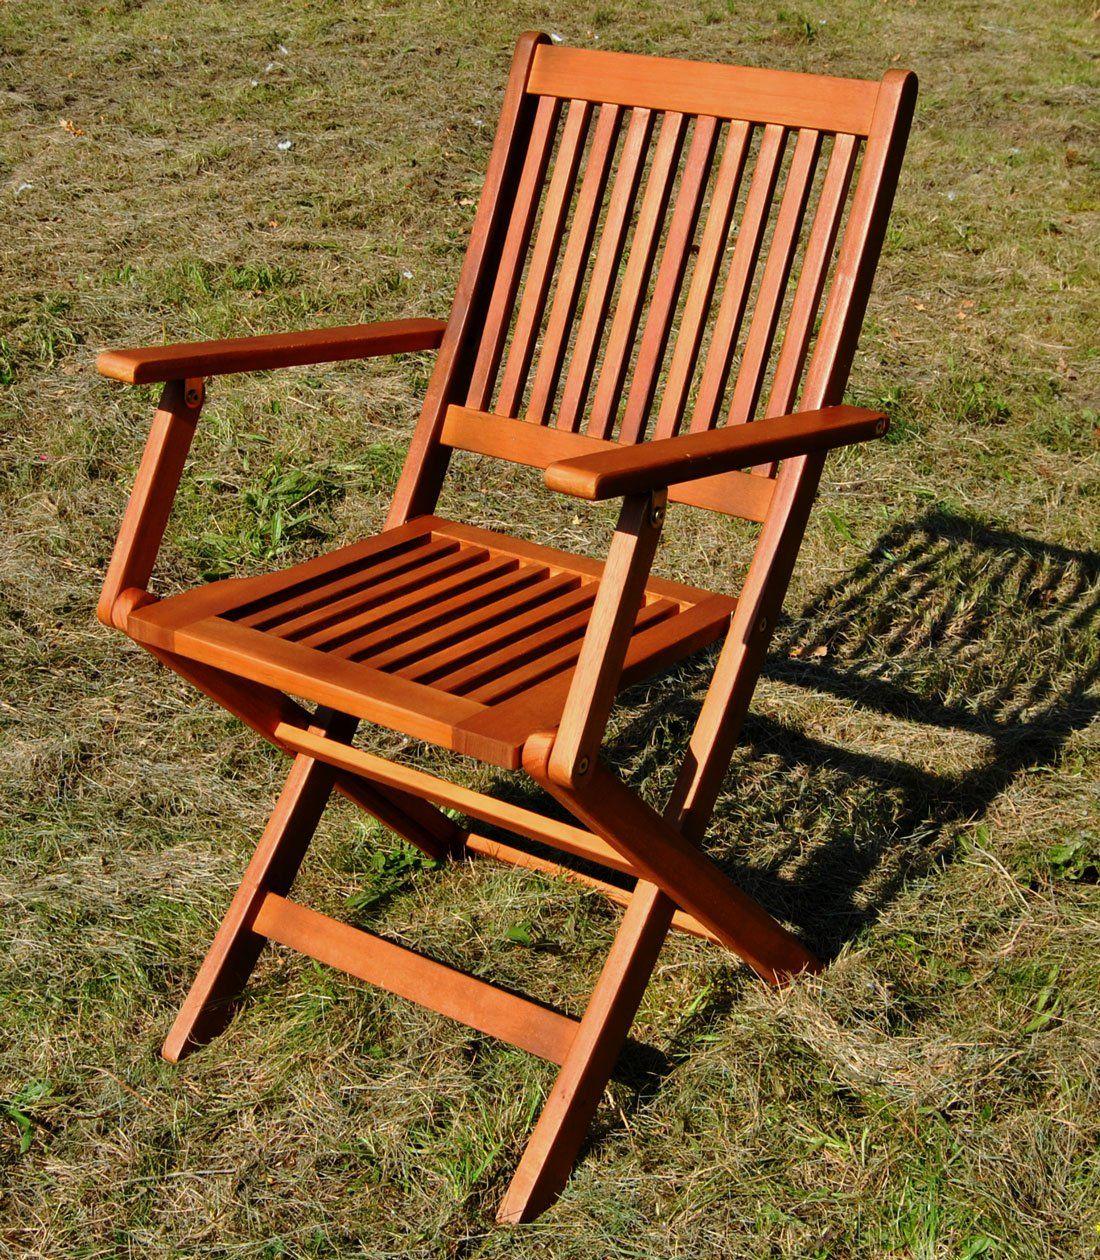 Klapp-Stuhl Aus Eukalyptusholz Mit Lehne Holzstuhl